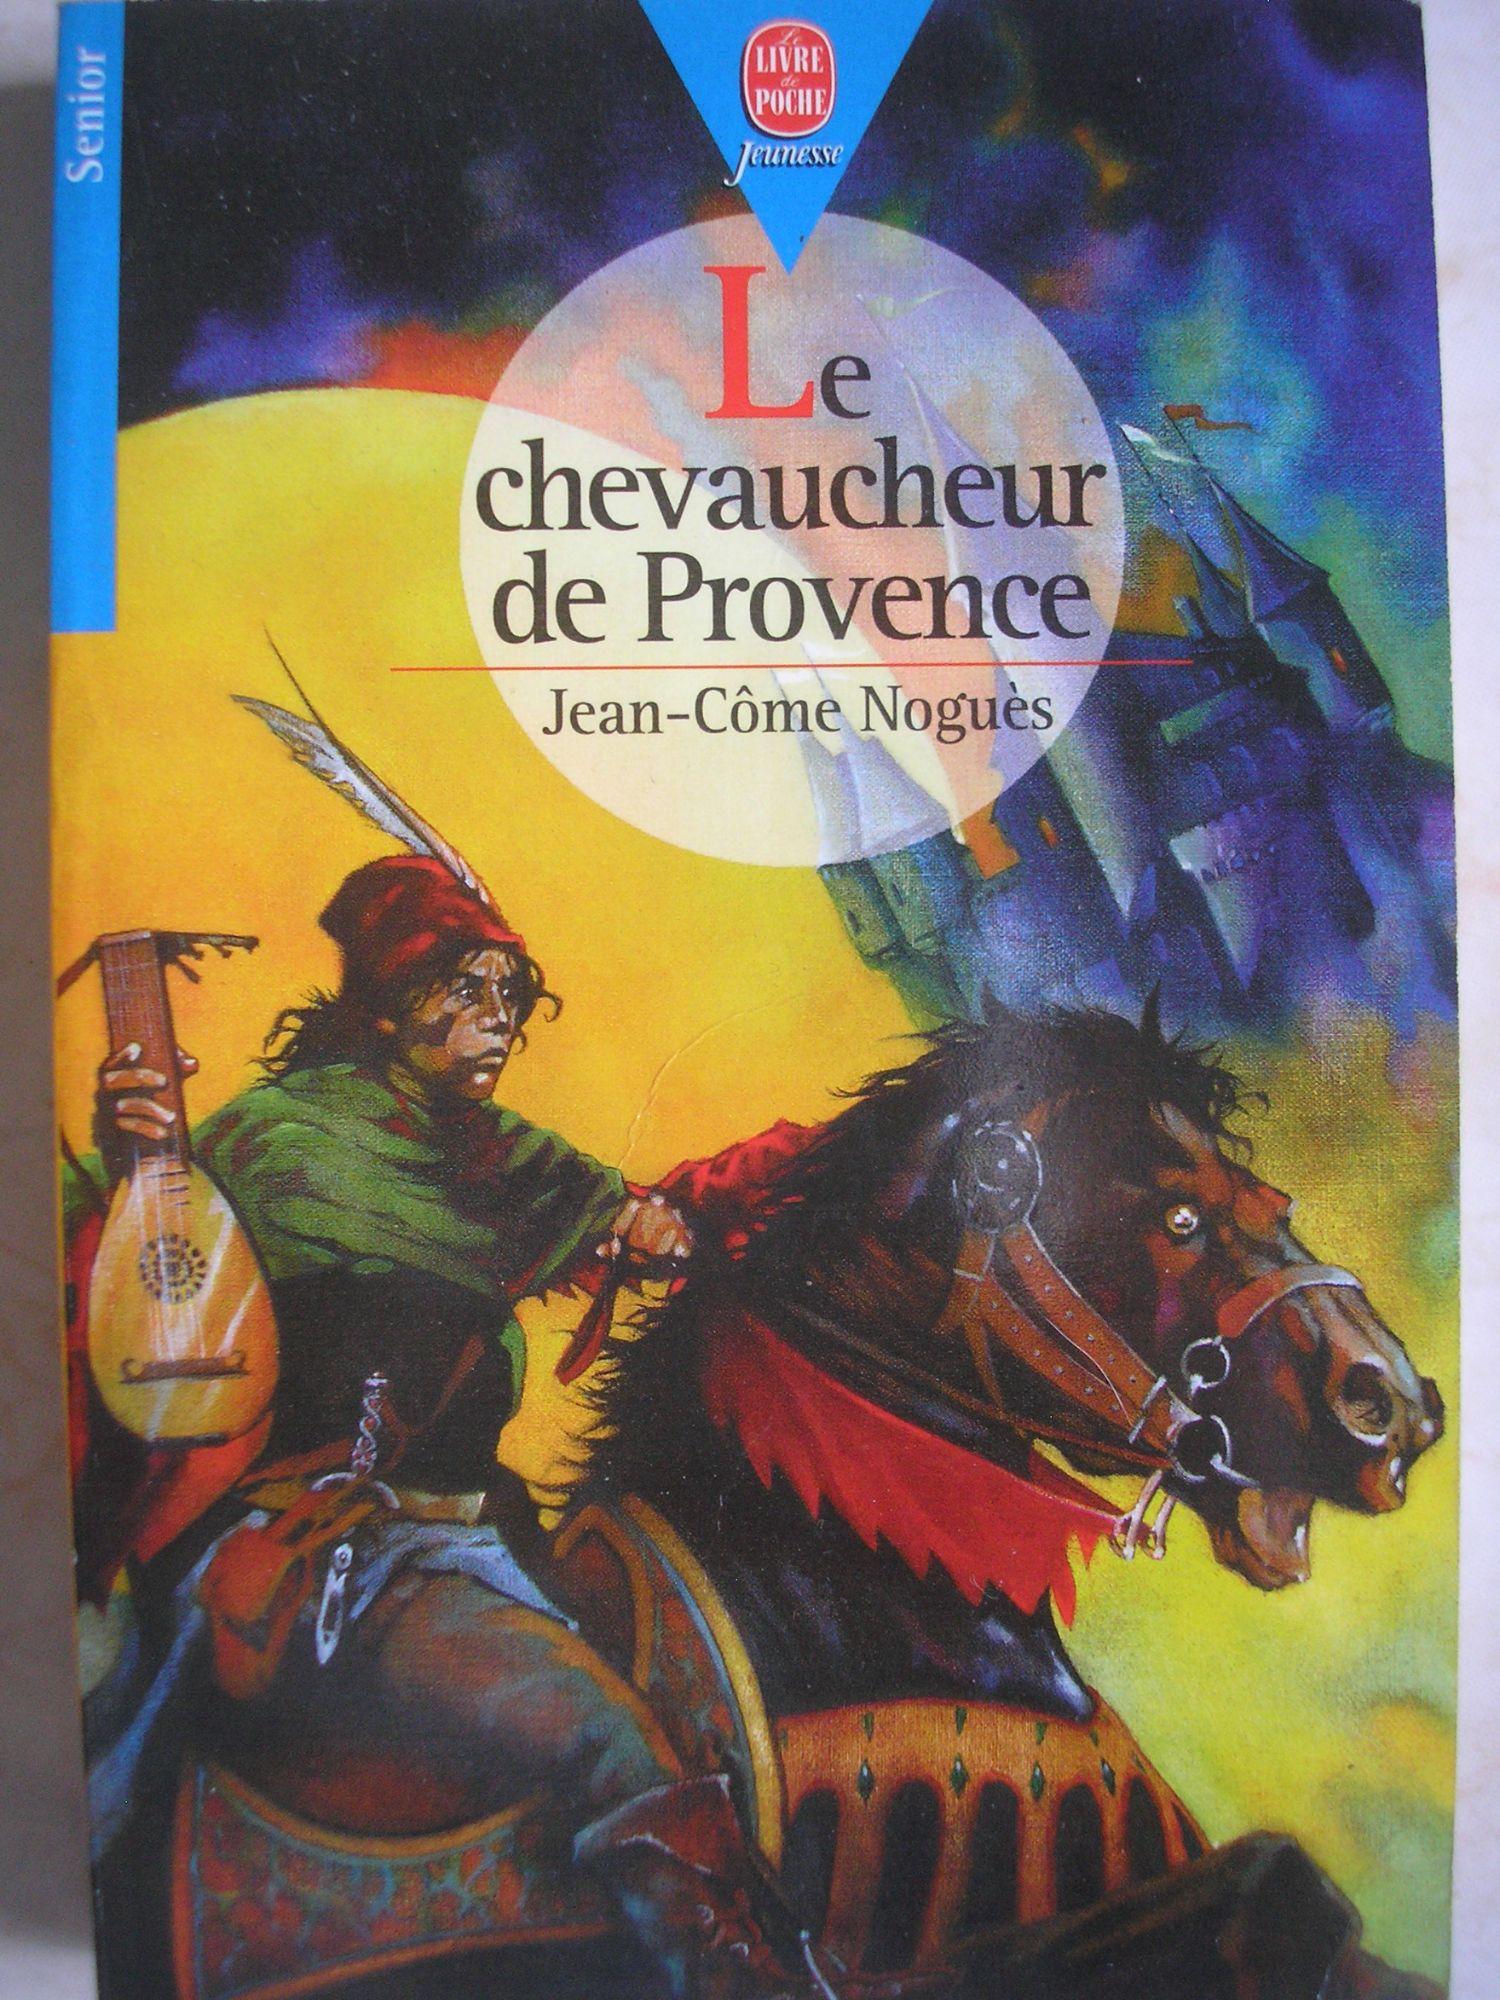 Le Chevaucheur de Provence